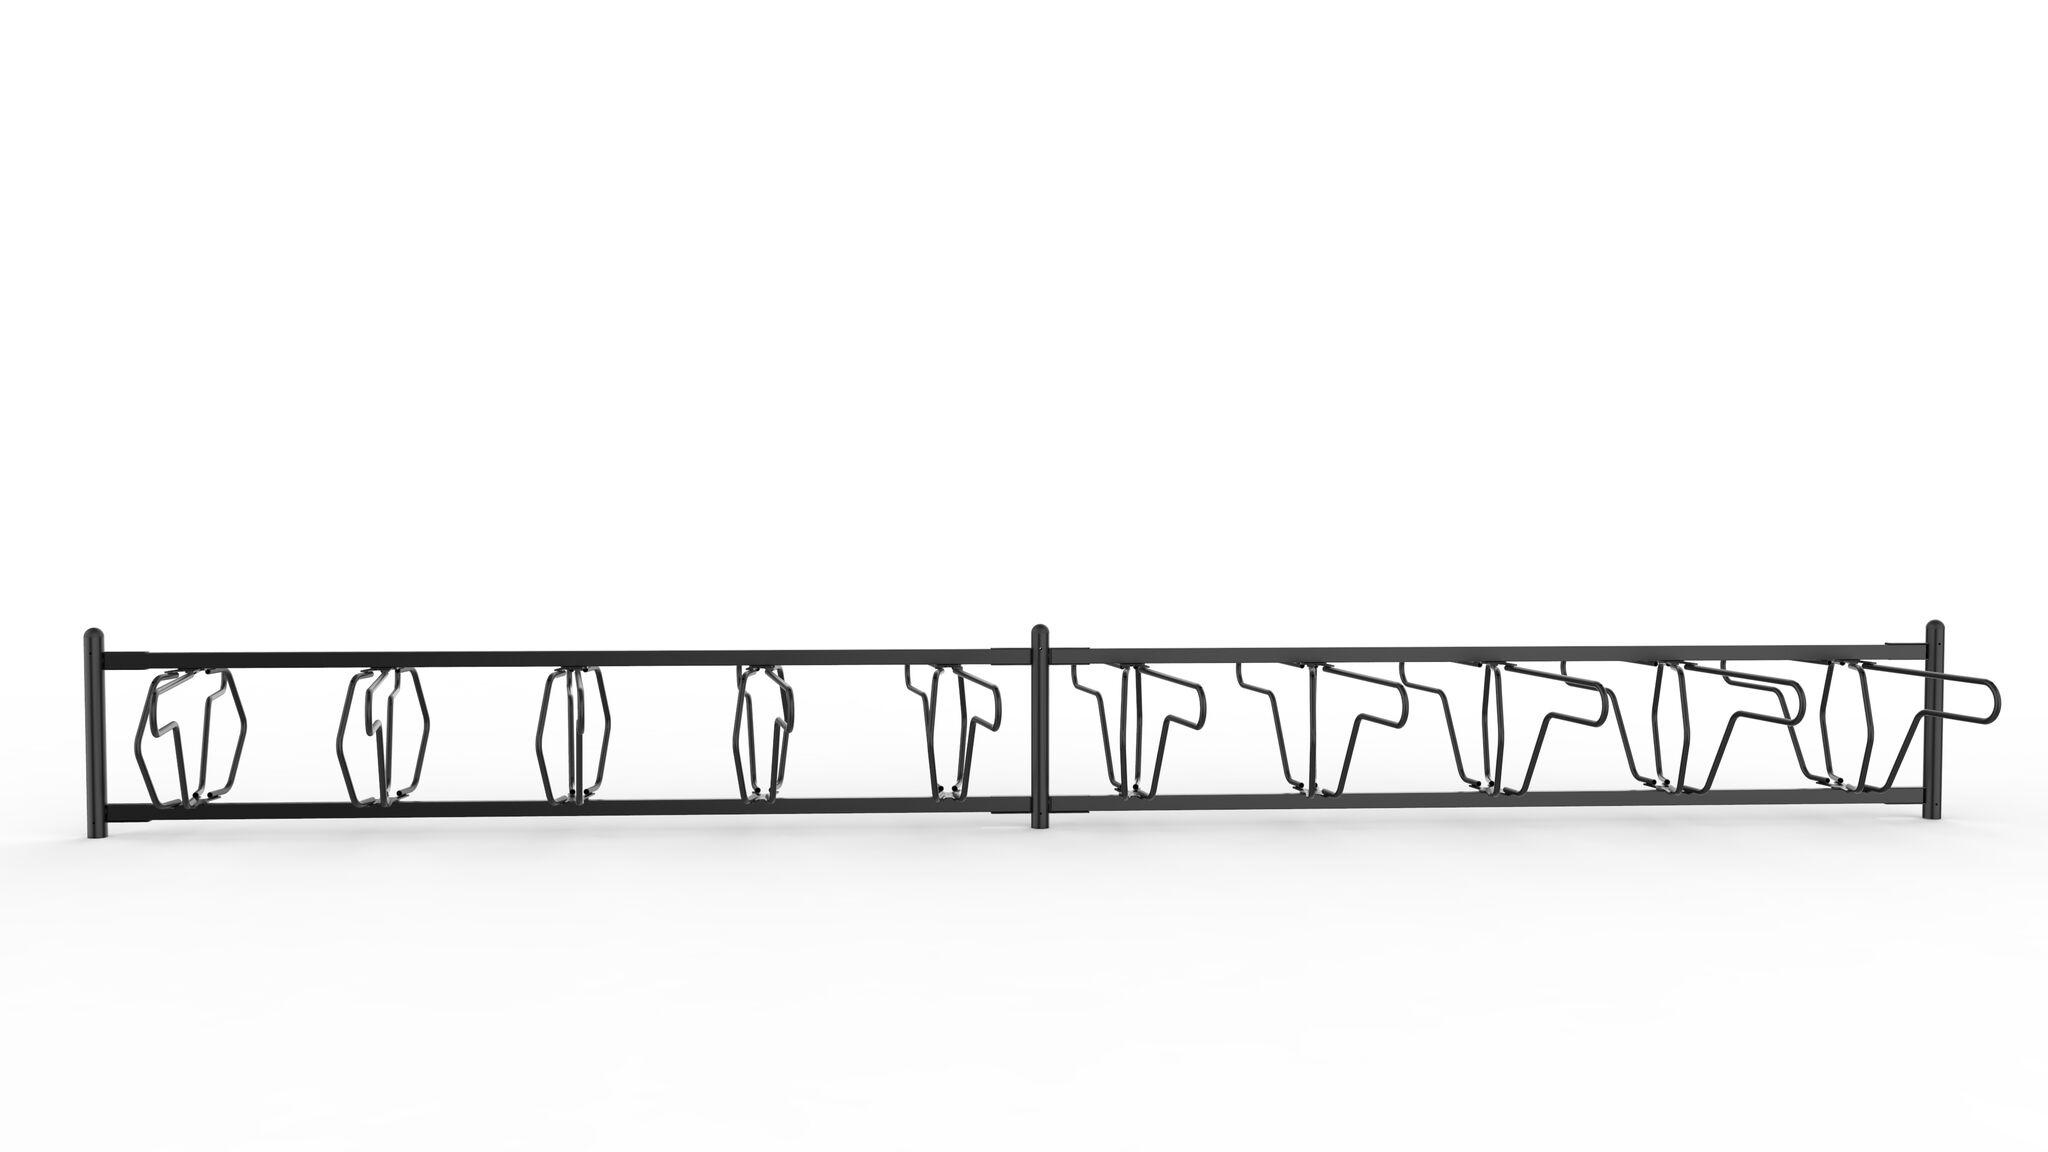 Delta runkolukitusteline yksipuolinen, pyöräteline edestä valkoisella pohjalla, malli on vastaavanlainen kuin kalusteohjeessa